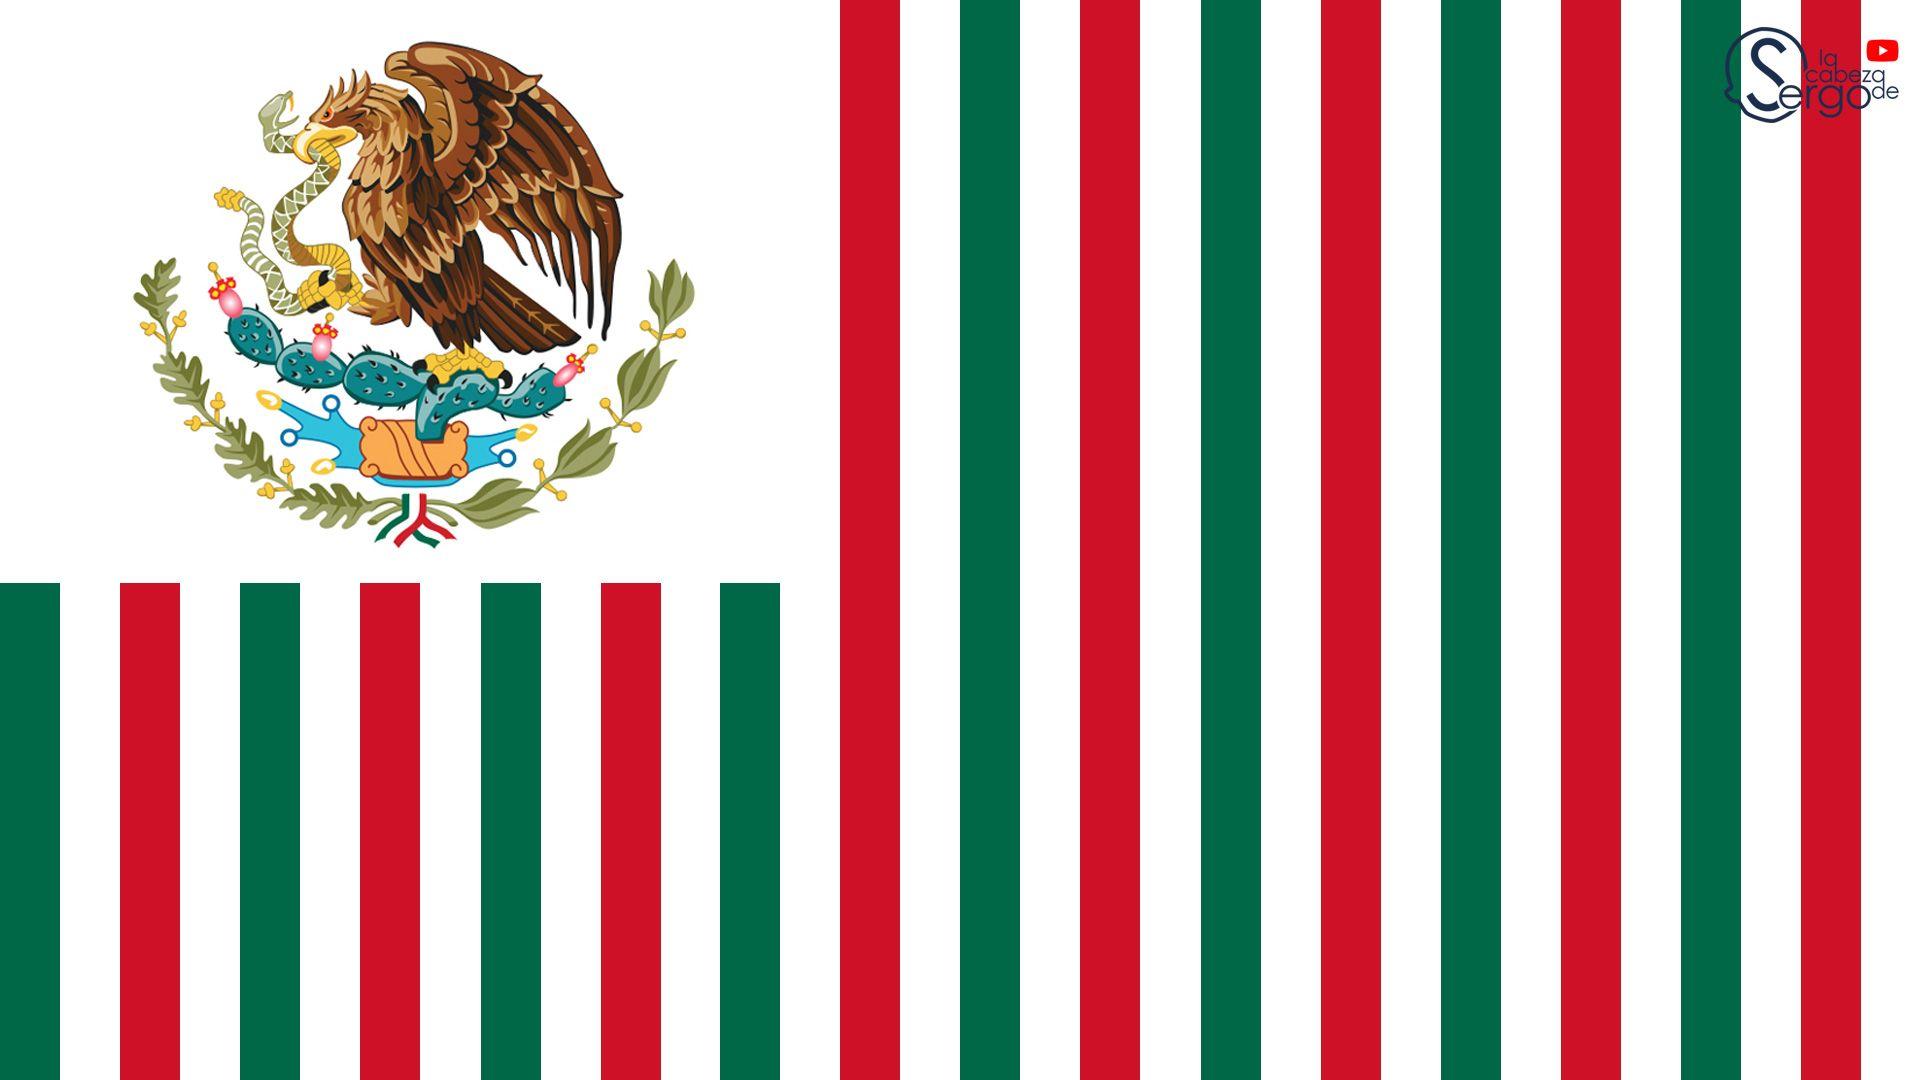 Bandera De Mexico Estados Unidos Mexico Bandera Banderas Bandera